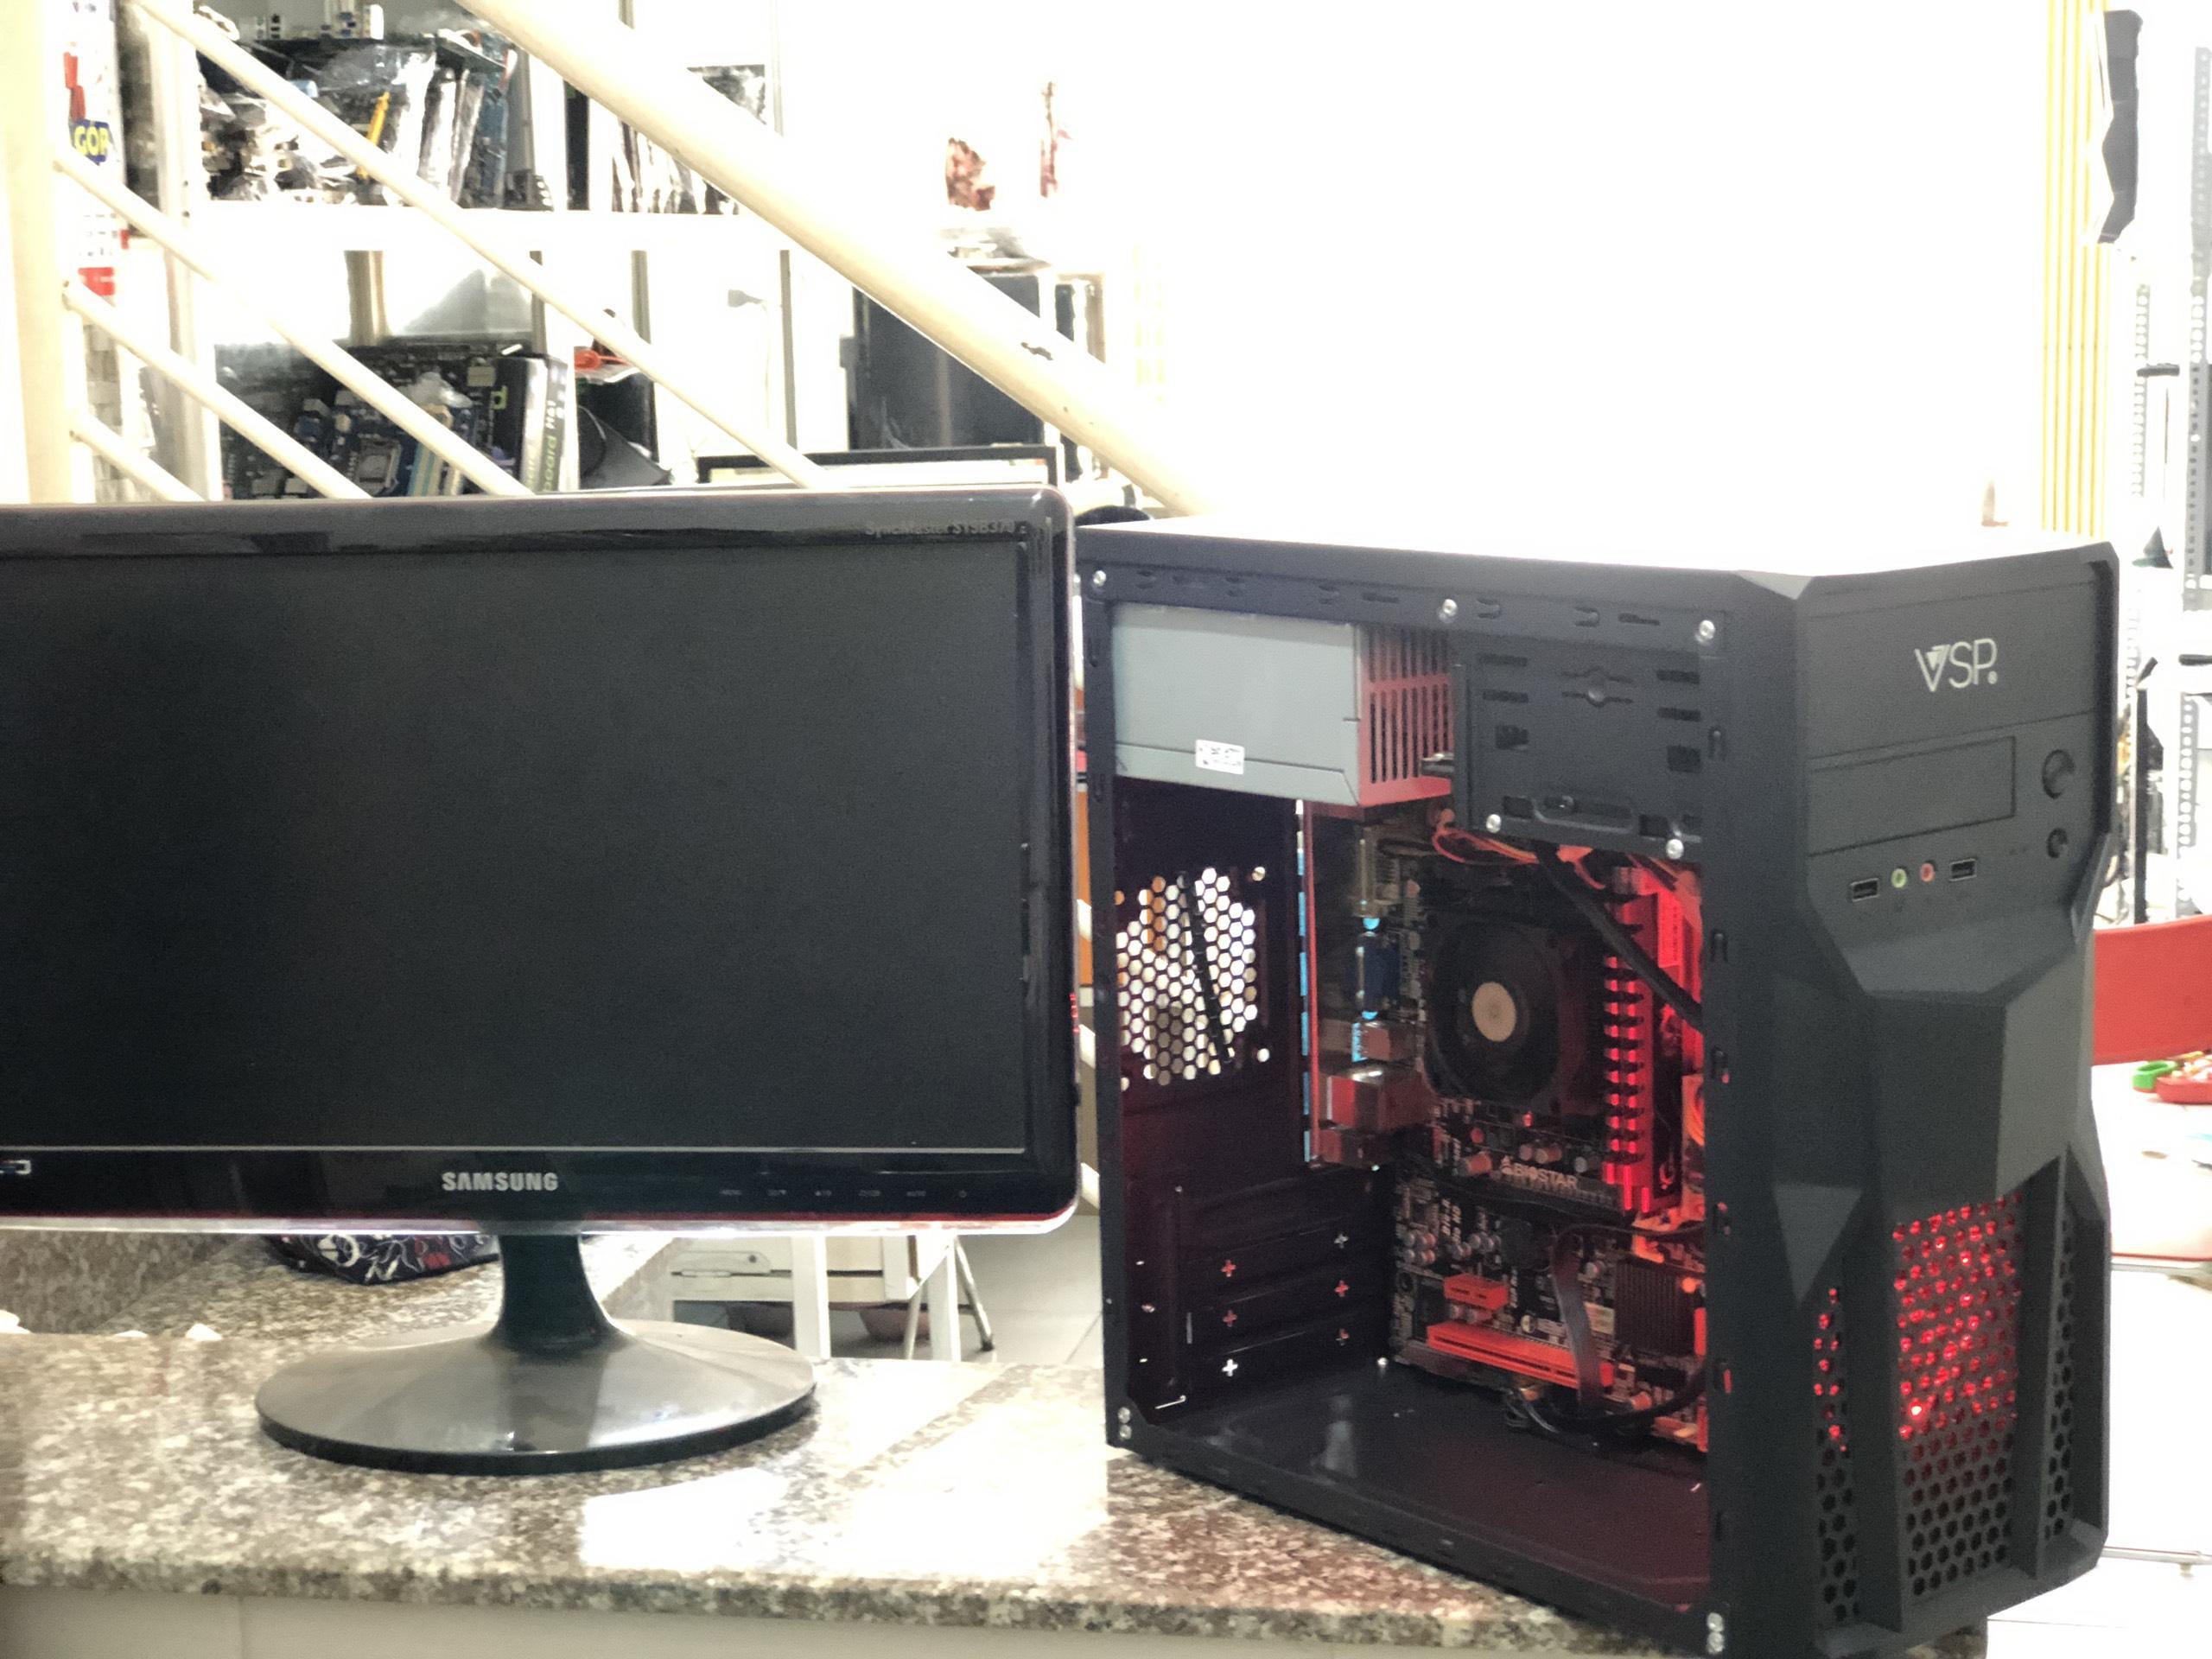 PC chơi game A6 5400k 3 6Ghz/ Ram 8G/ Vga 4G/ Hdd 250G/ Màn hình 19inch/  Tặng phím chuột